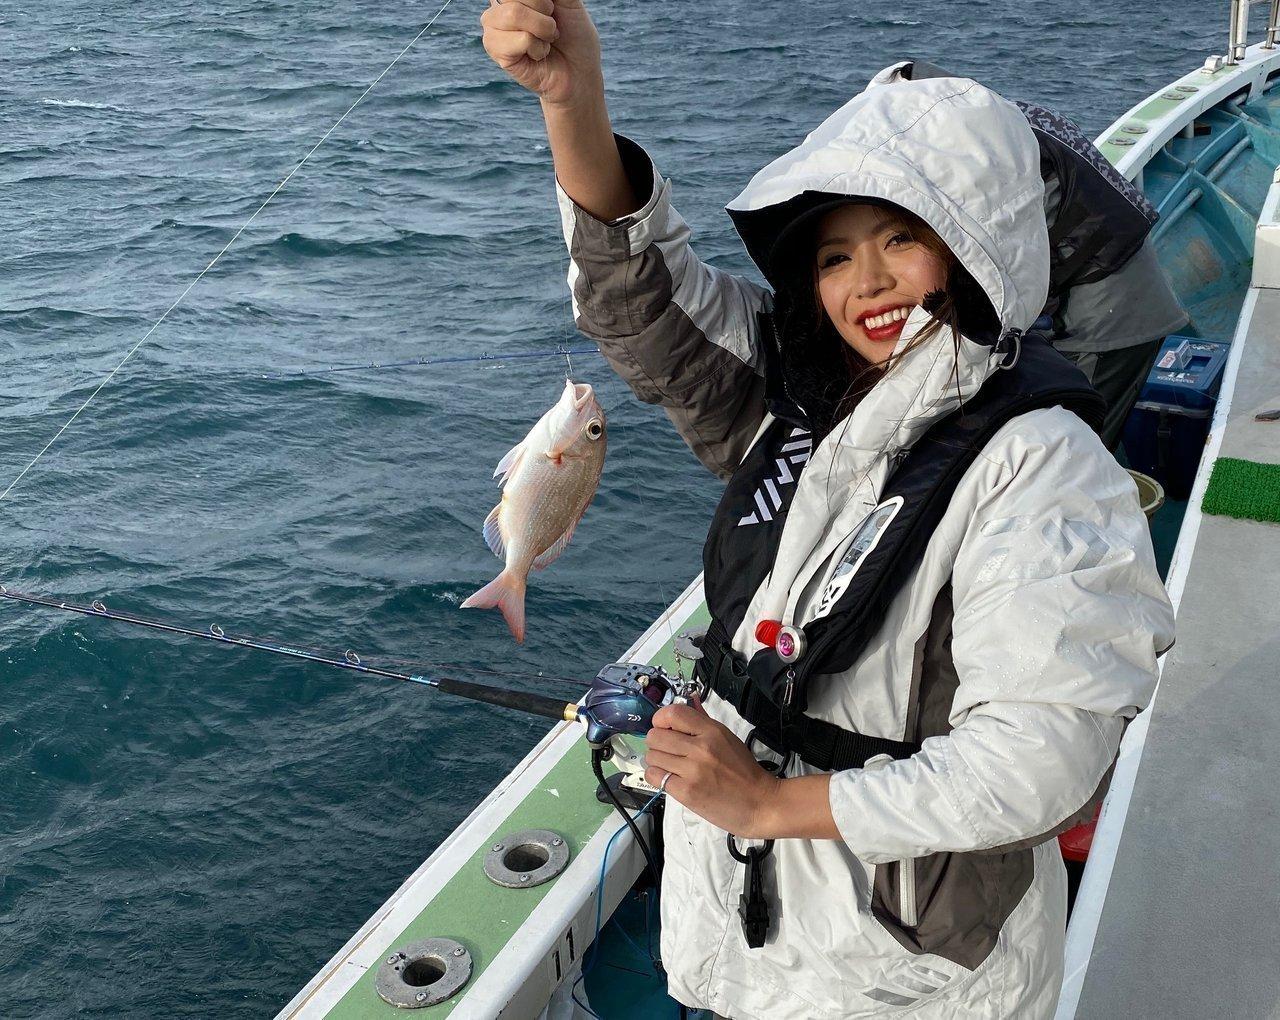 マダイを釣り上げた釣りガールの写真